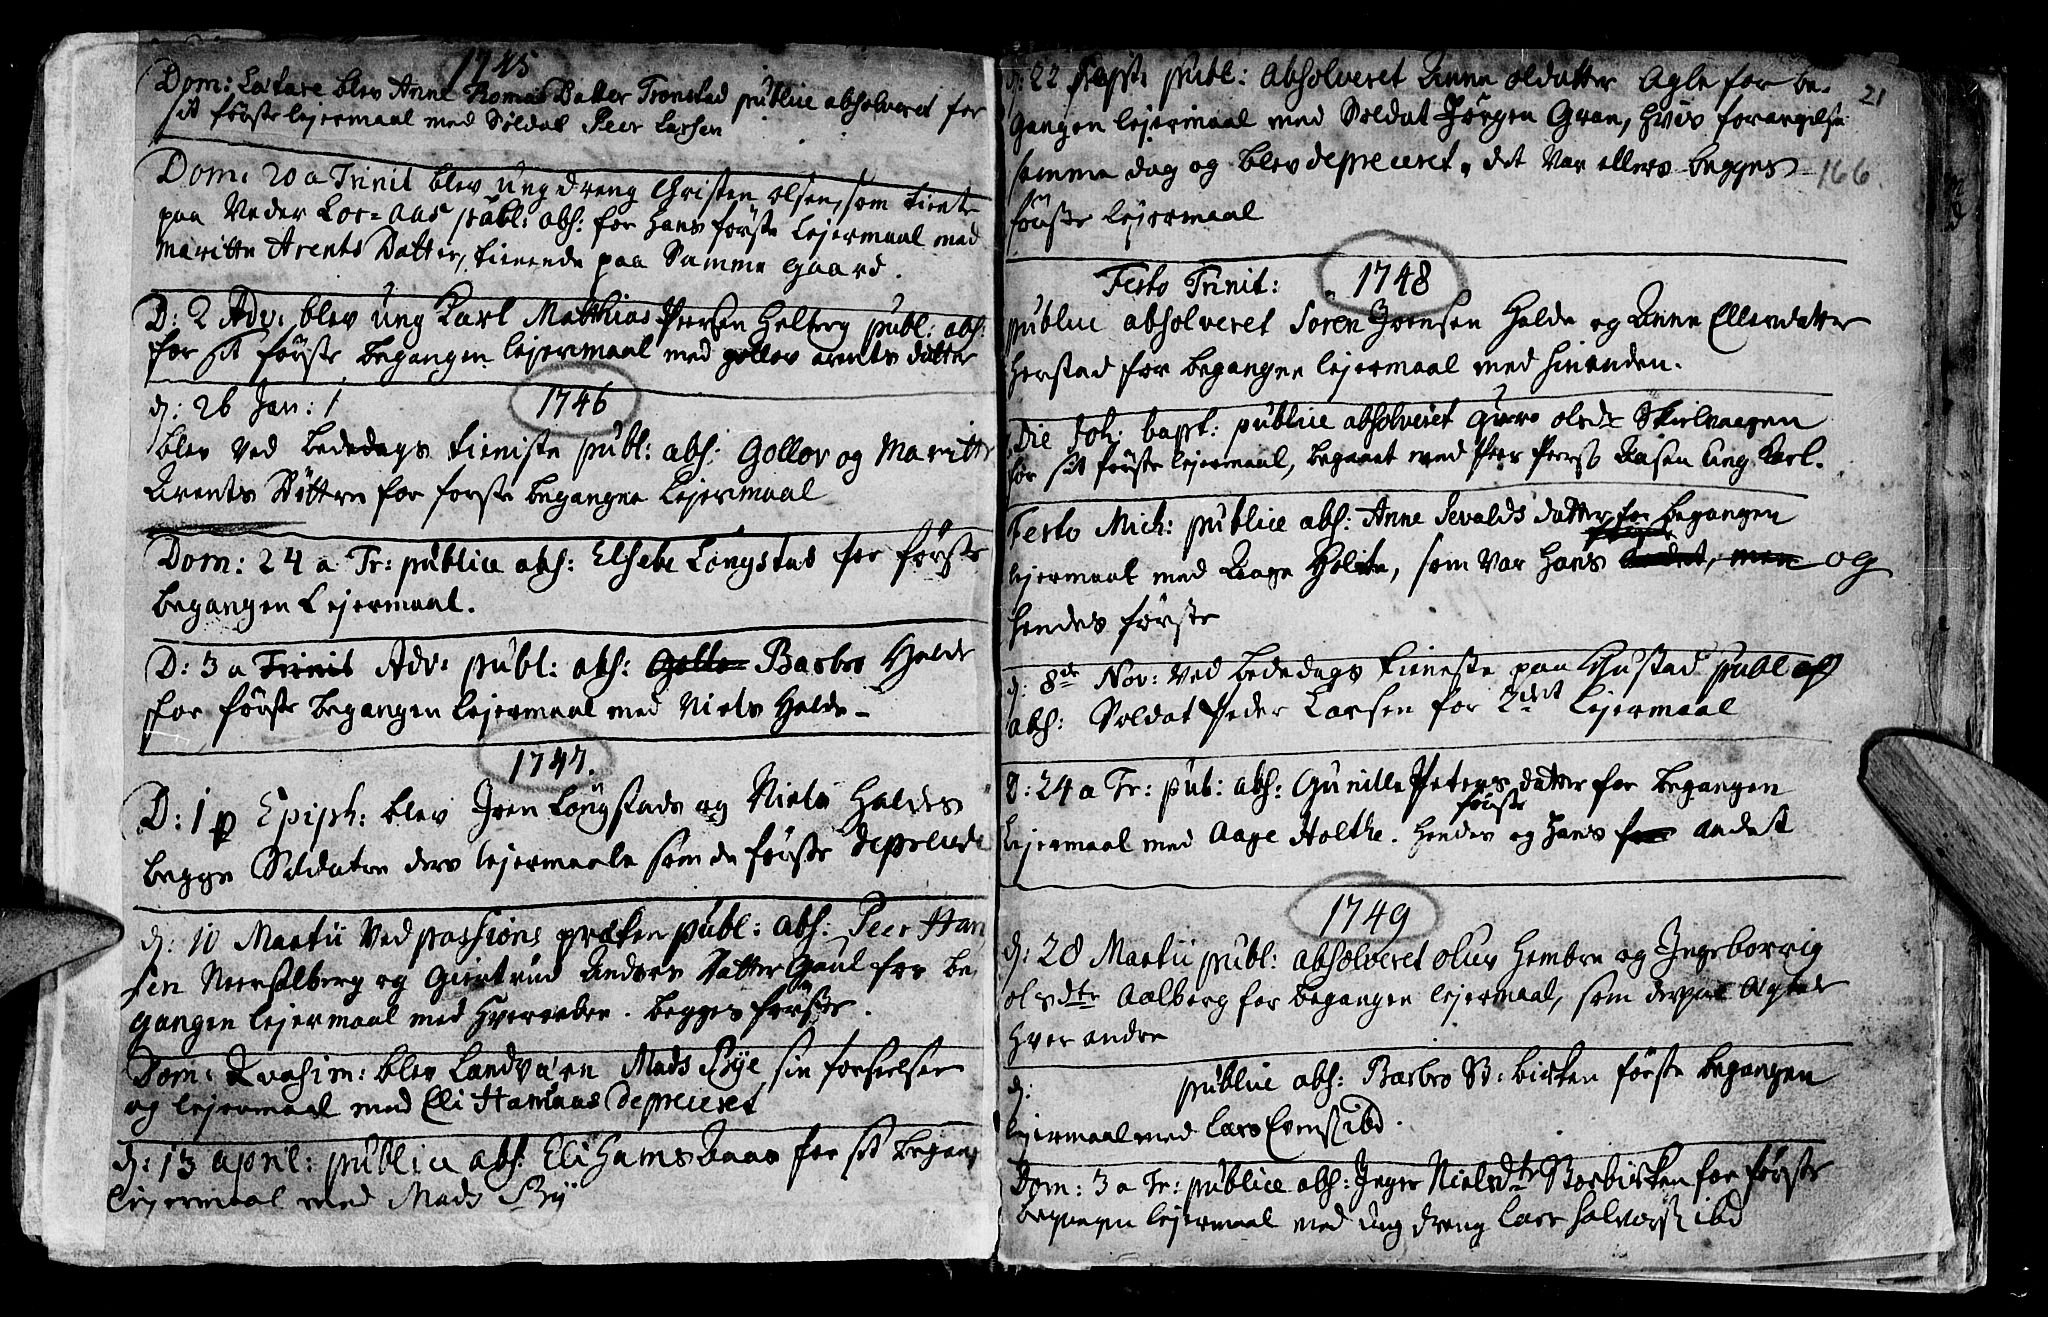 SAT, Ministerialprotokoller, klokkerbøker og fødselsregistre - Nord-Trøndelag, 730/L0272: Ministerialbok nr. 730A01, 1733-1764, s. 166